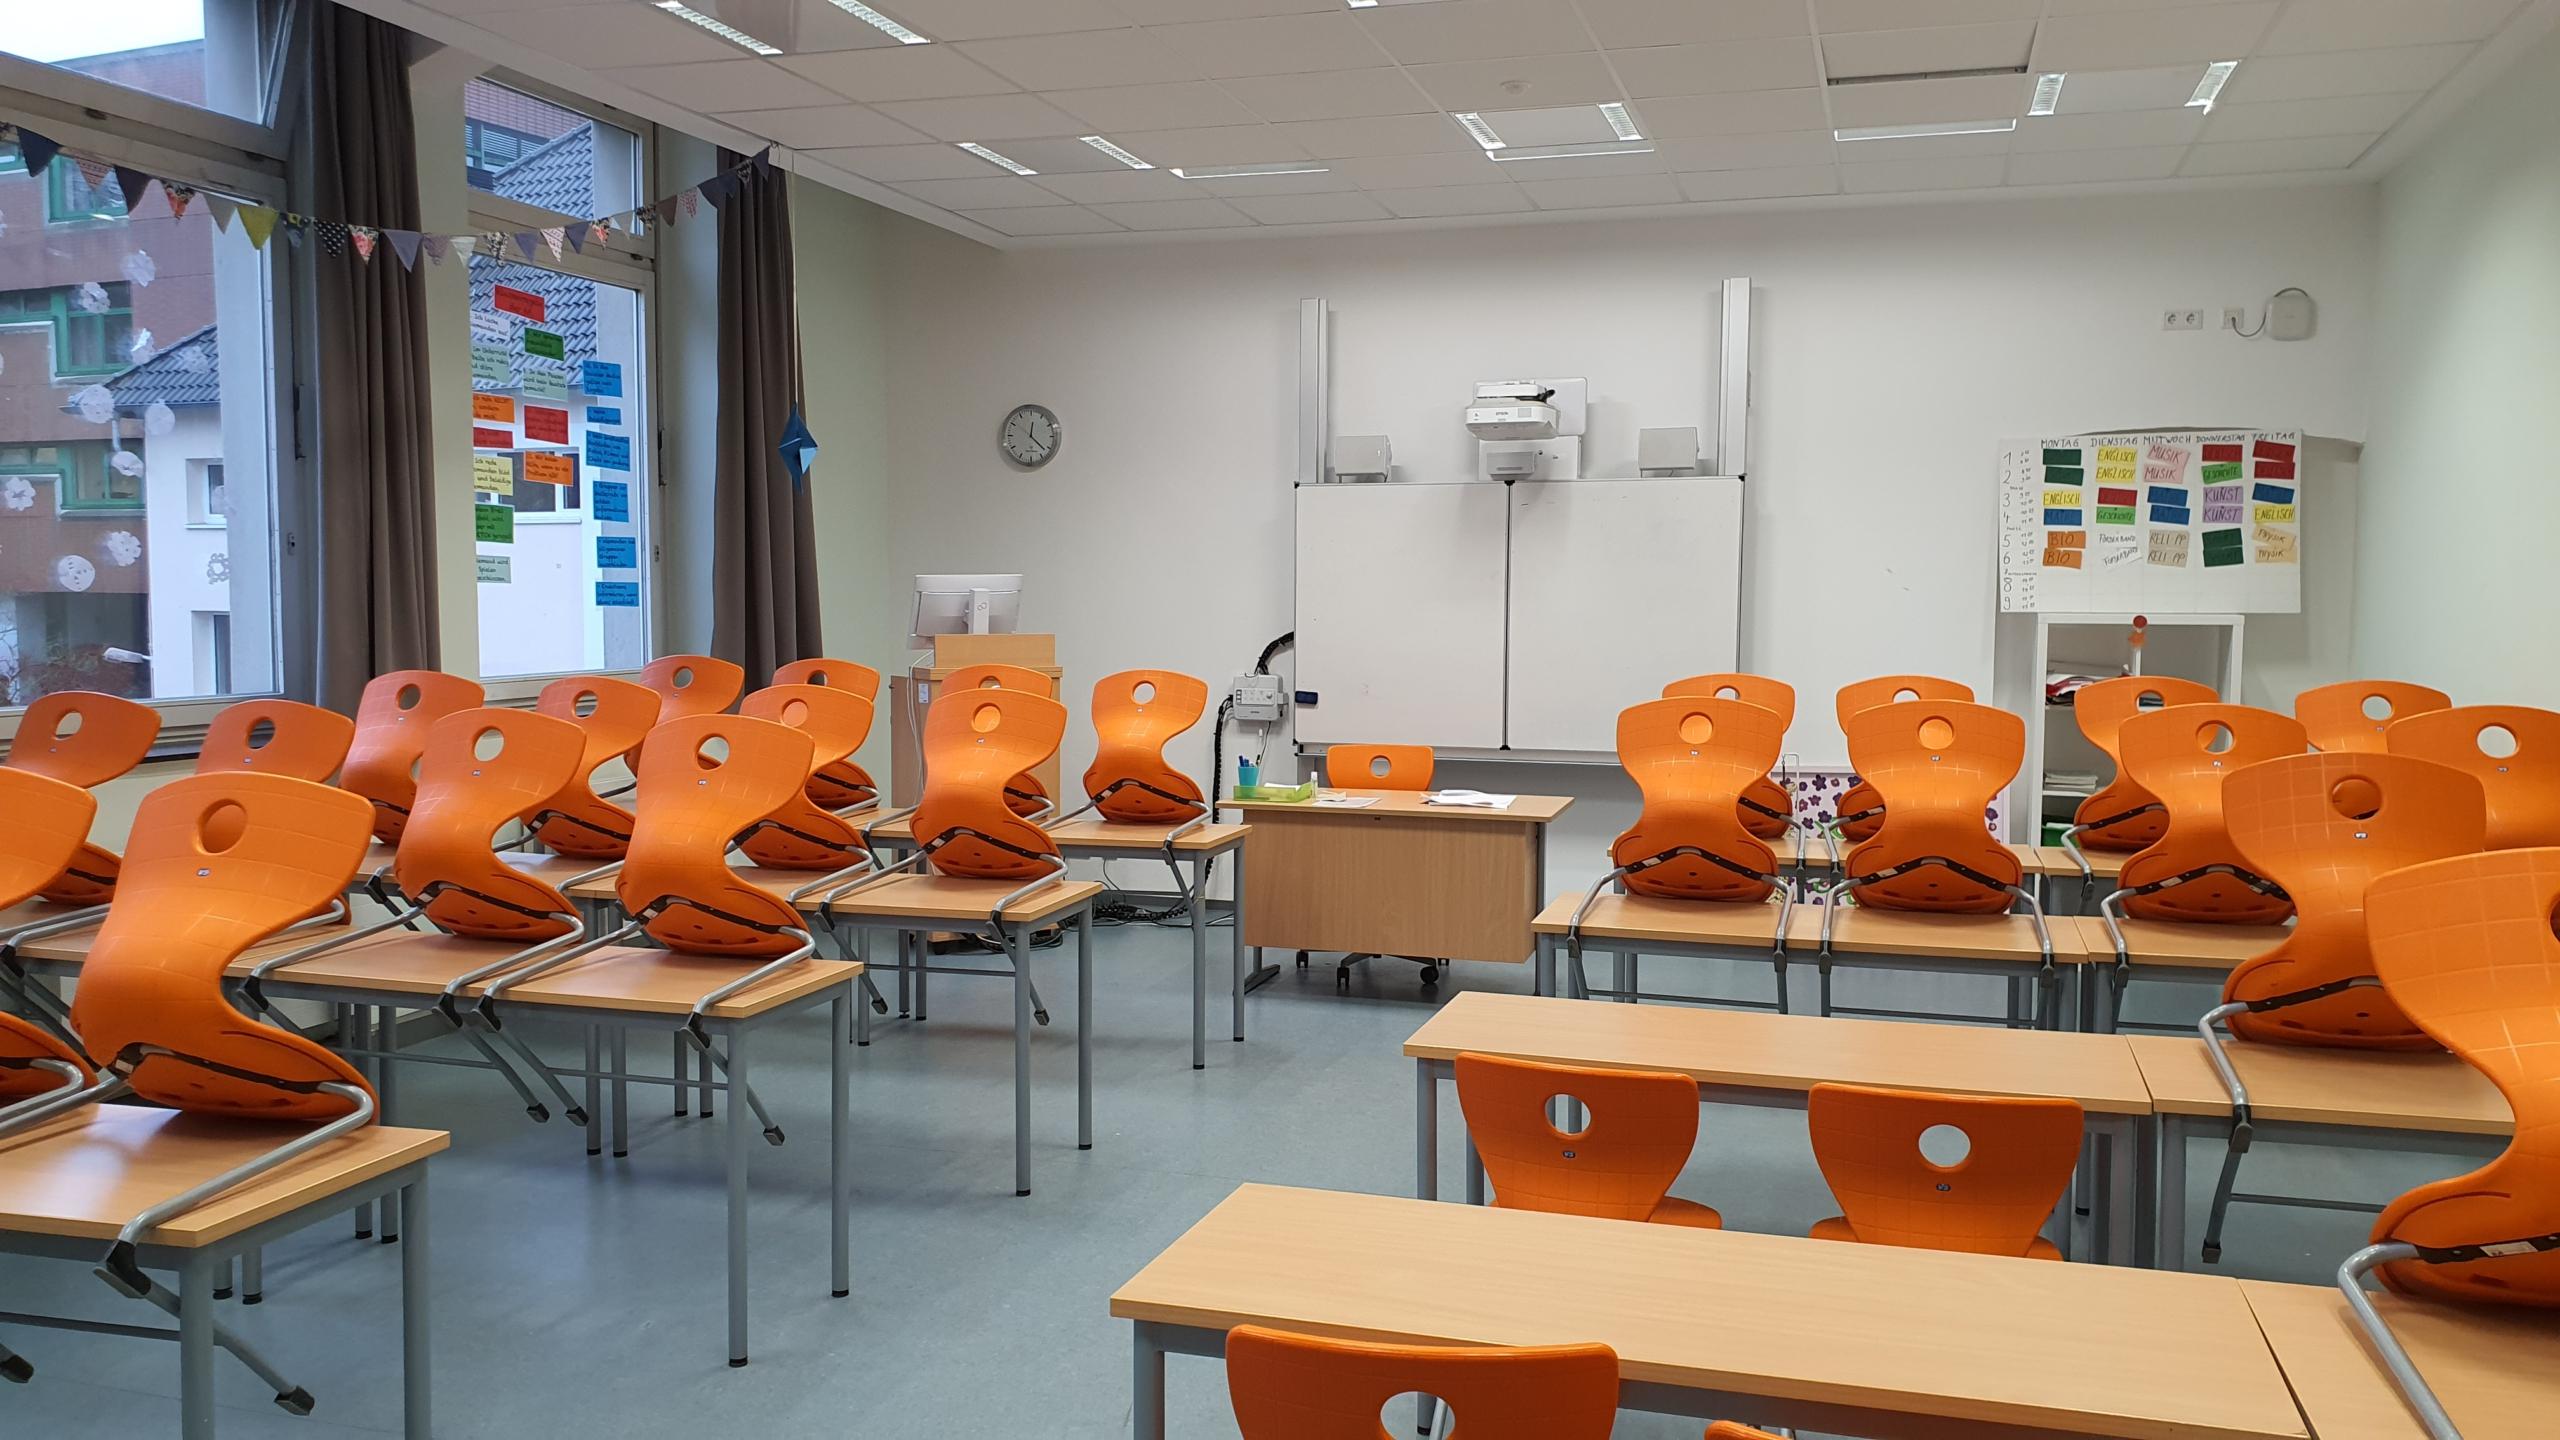 Anmeldungen Klasse 5 zum Schuljahr 2021/22